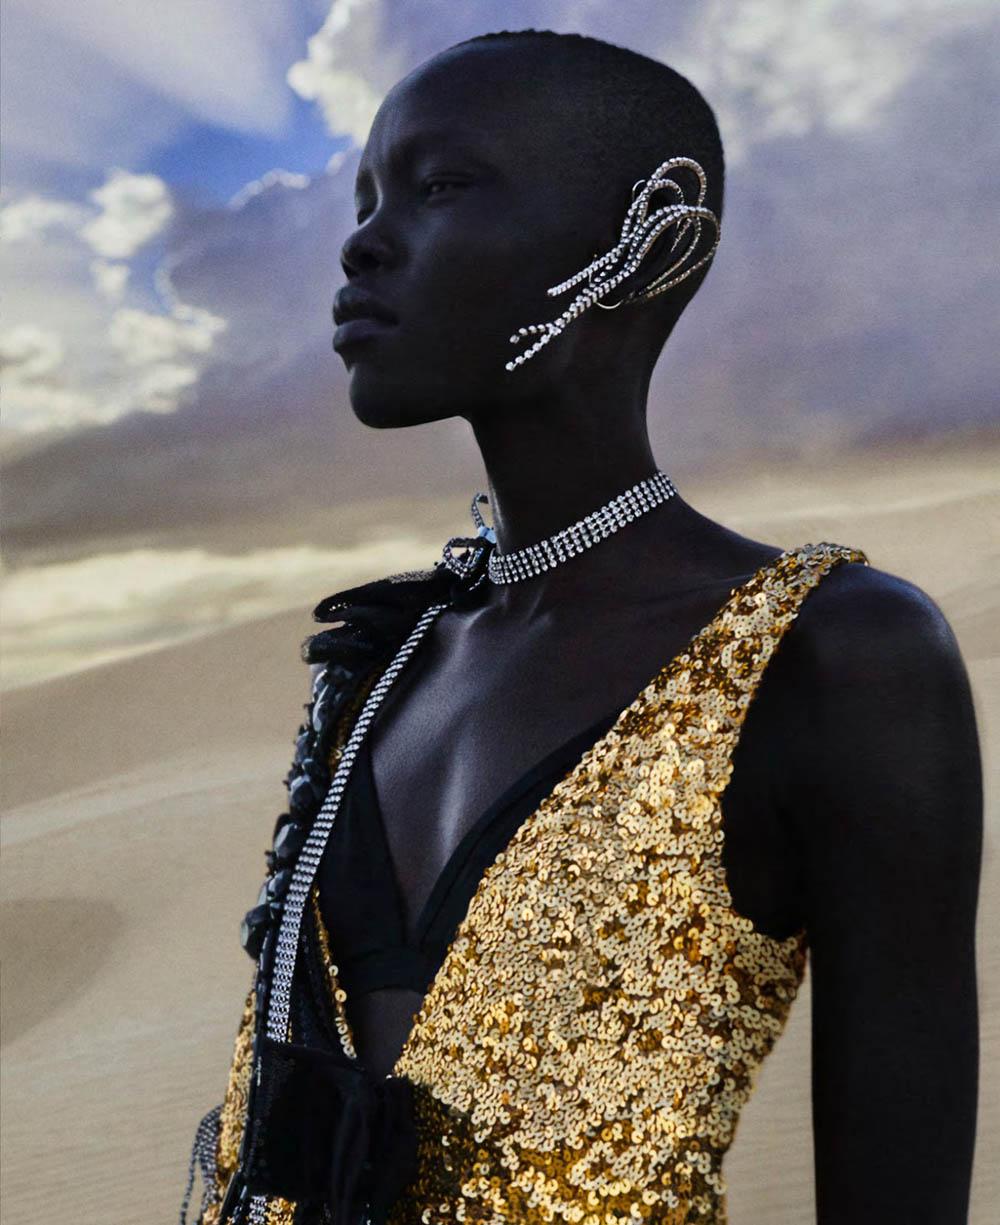 Grace Bol by Txema Yeste for Harper's Bazaar US March 2019